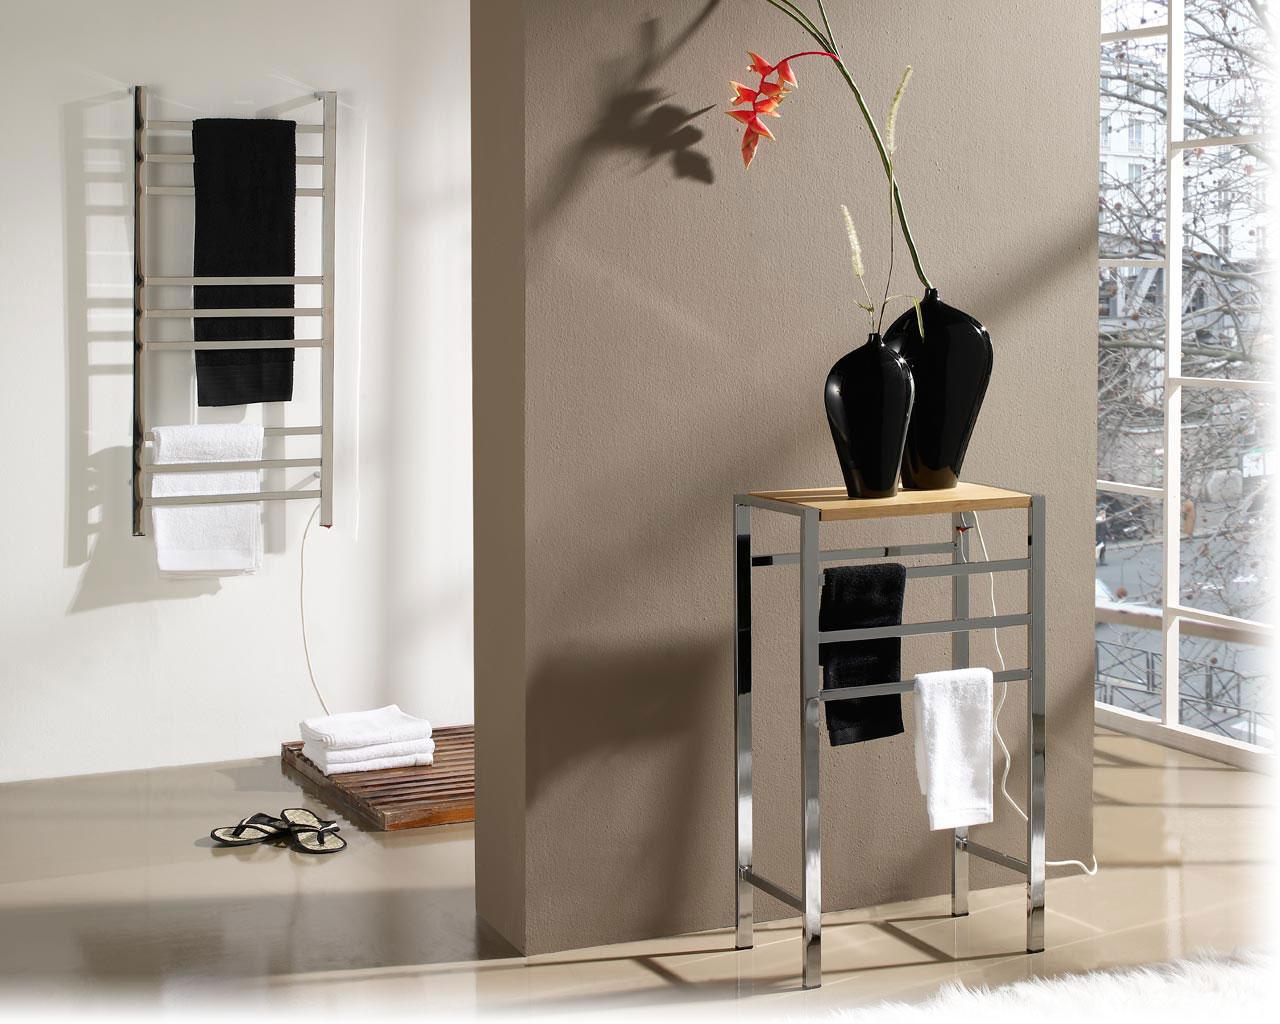 Oxil s l toalleros el ctricos radiadores - Calefaccion bano ...